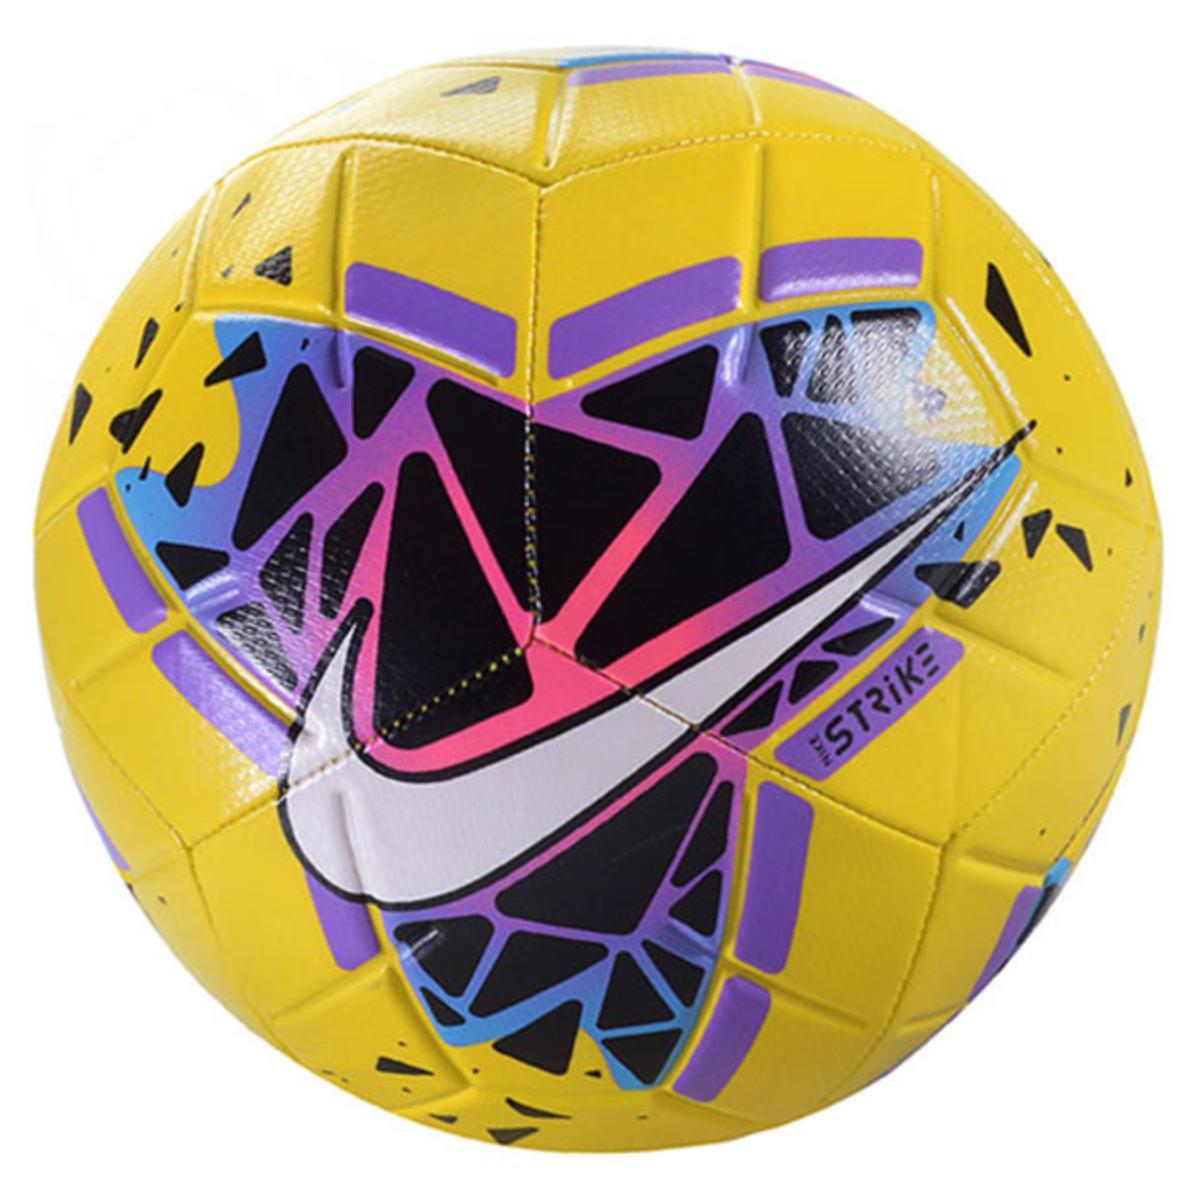 Bola Unisex Nike Sc3639-710 nk Strk Amarelo Color